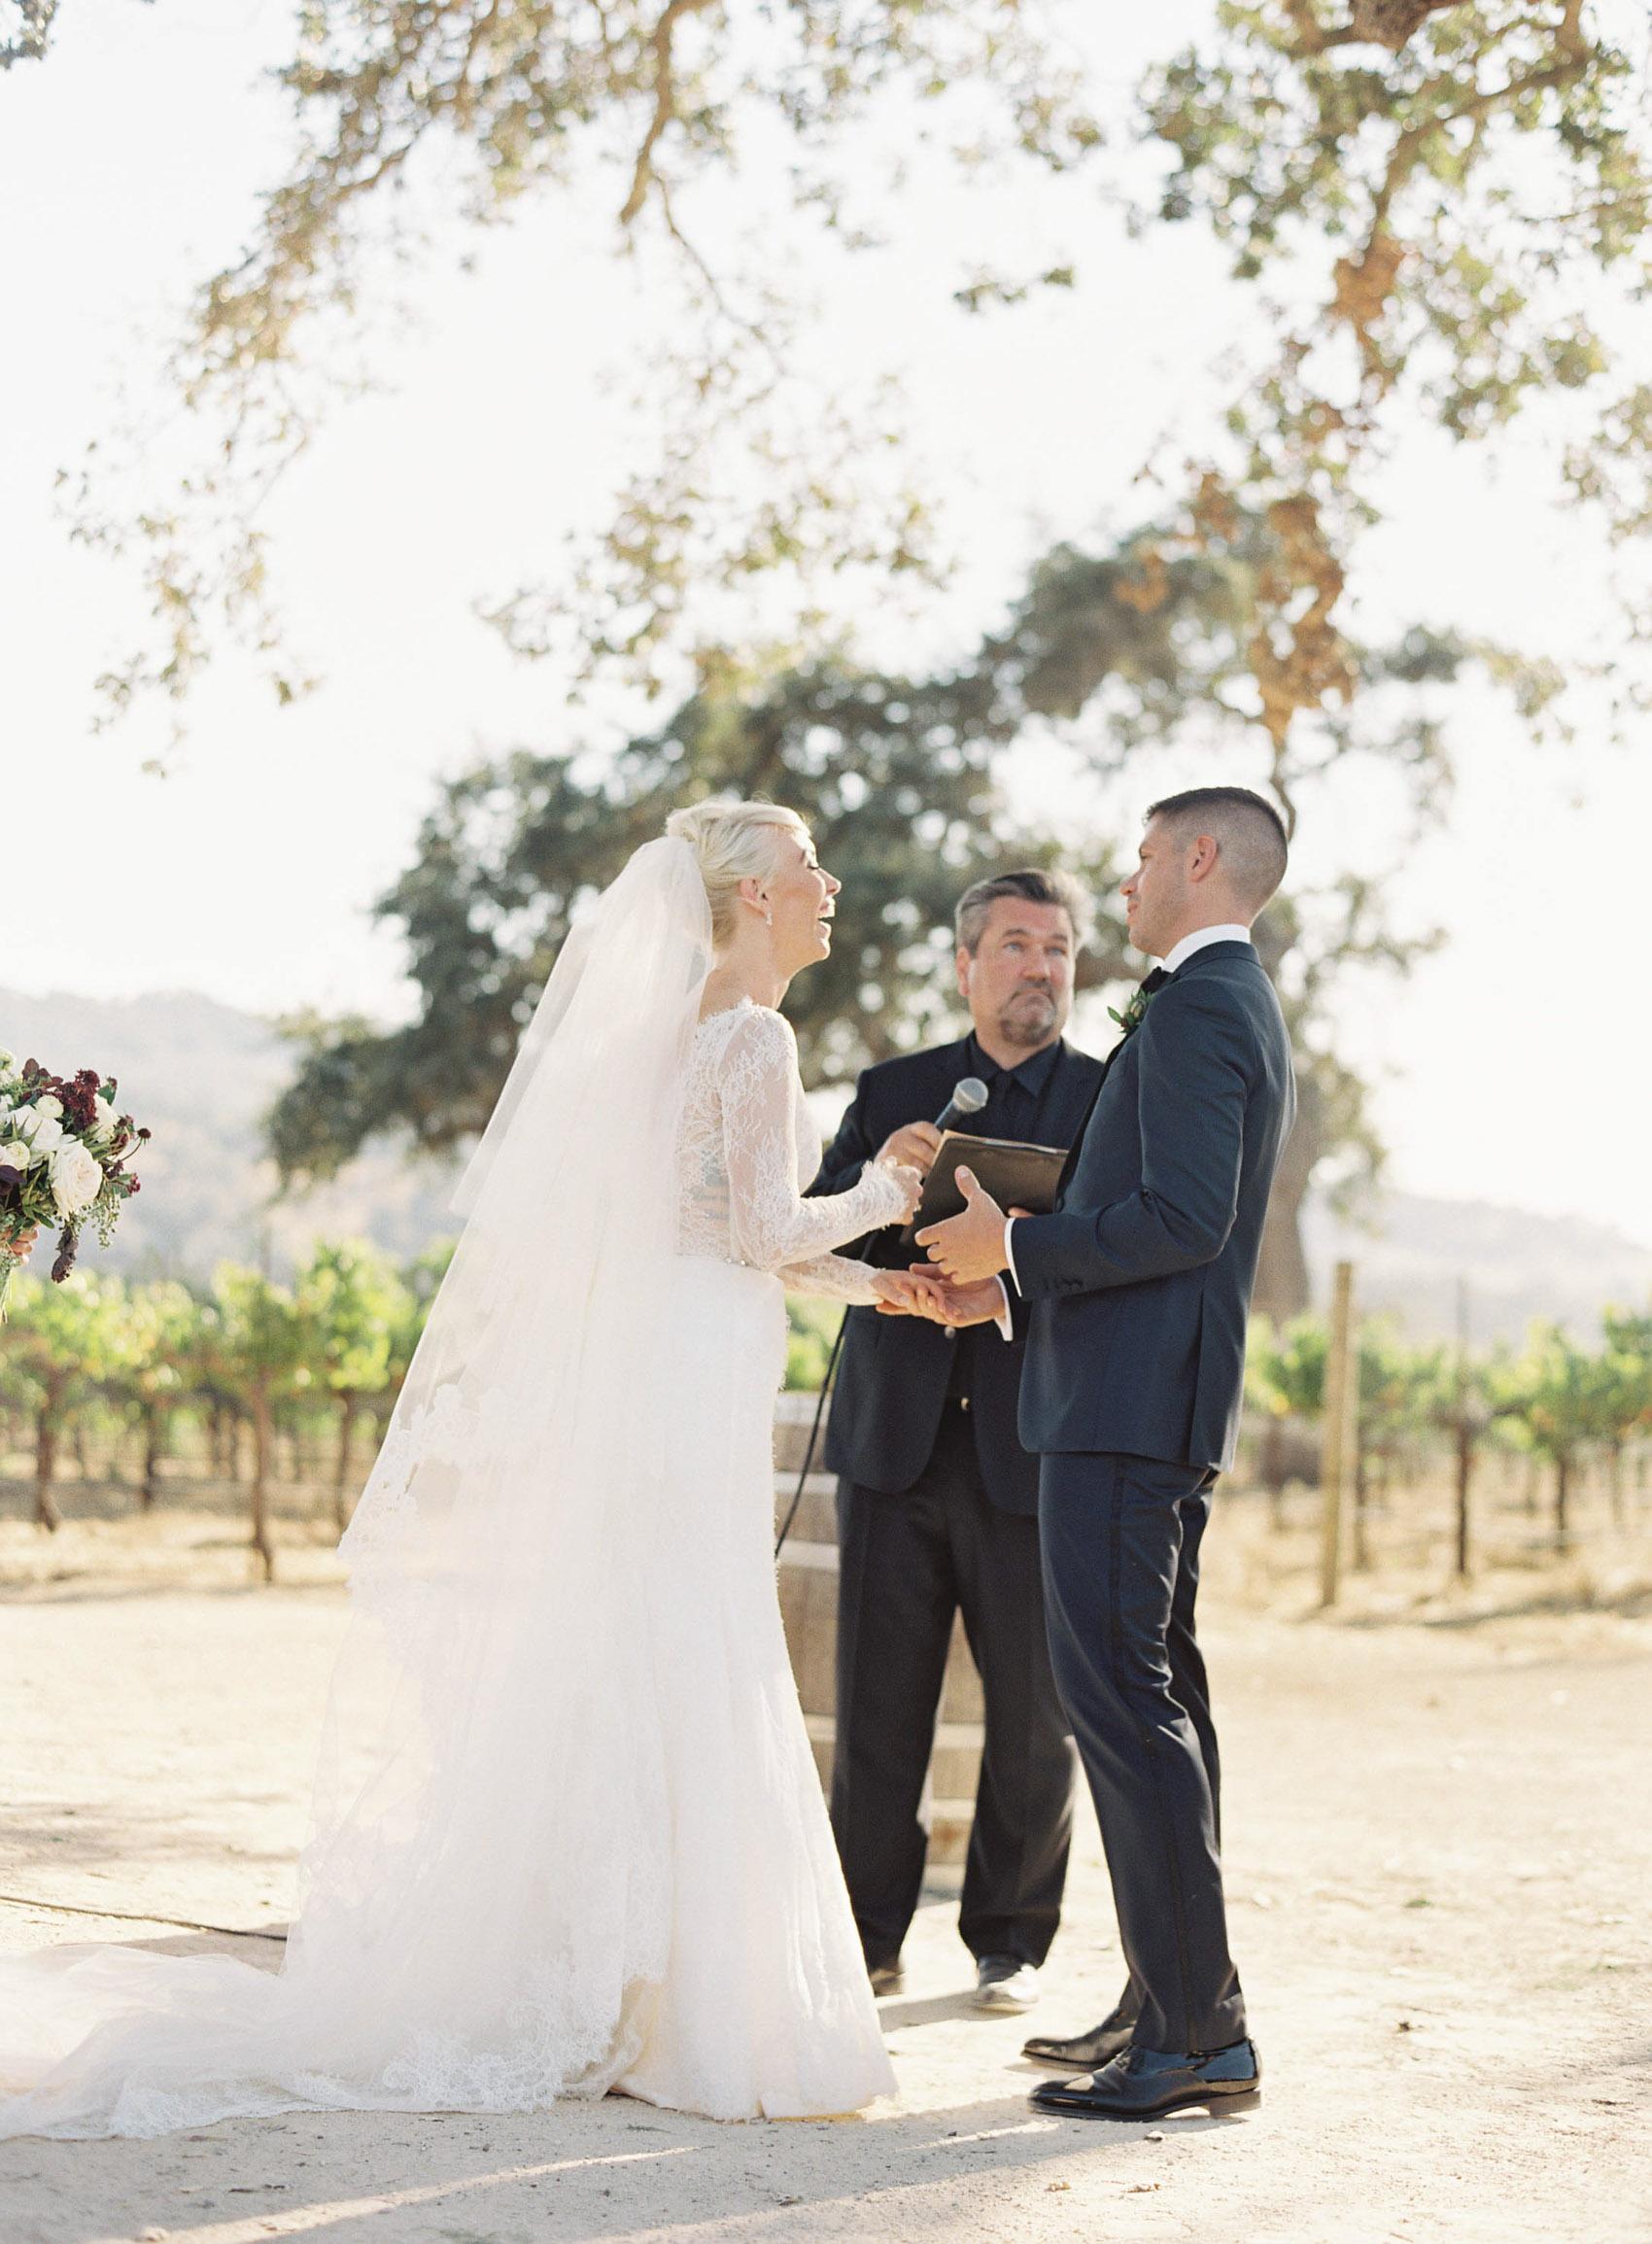 Sunstone_Villa_Wedding-44-Jen-Huang-JTEd-68-Jen_Huang-002826-R1-001.jpg